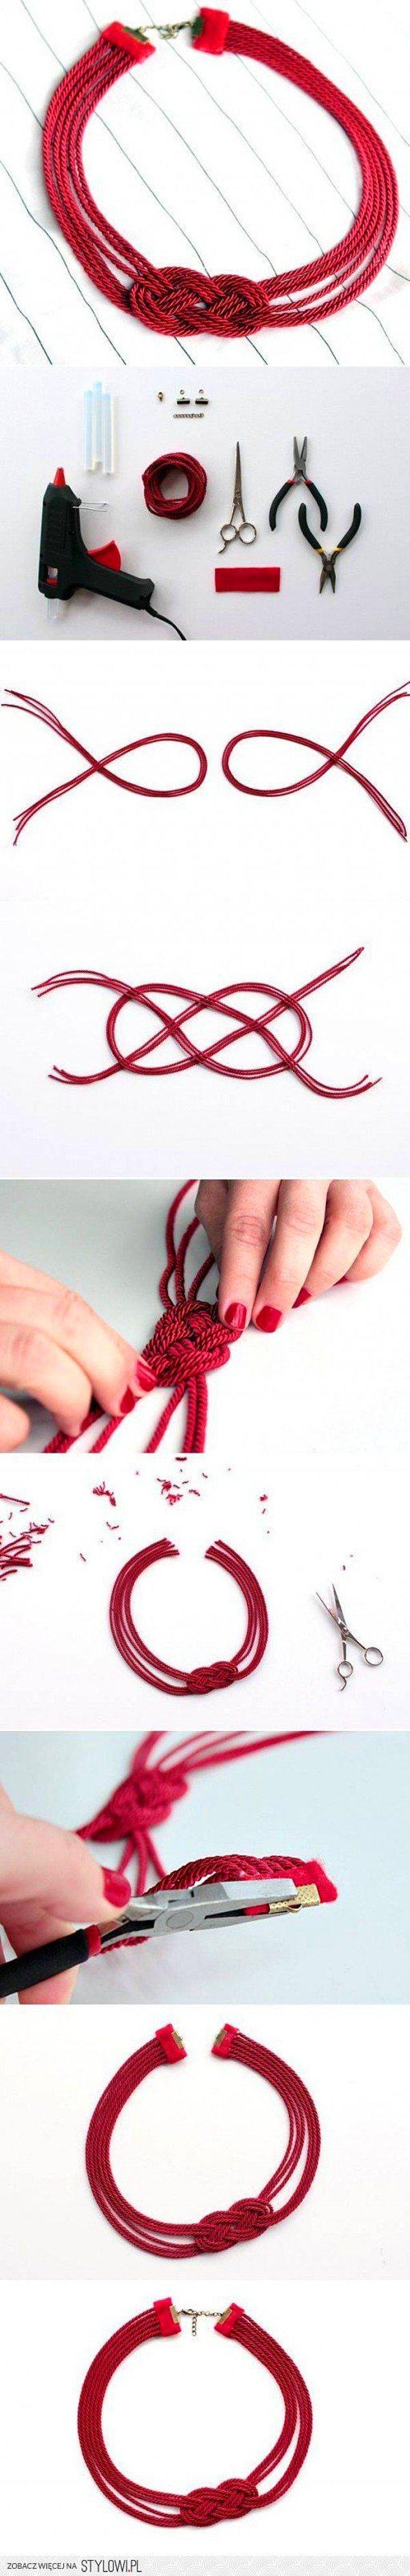 3. Son derece şık bir kolyeye sahip olmak sizin elinizde!